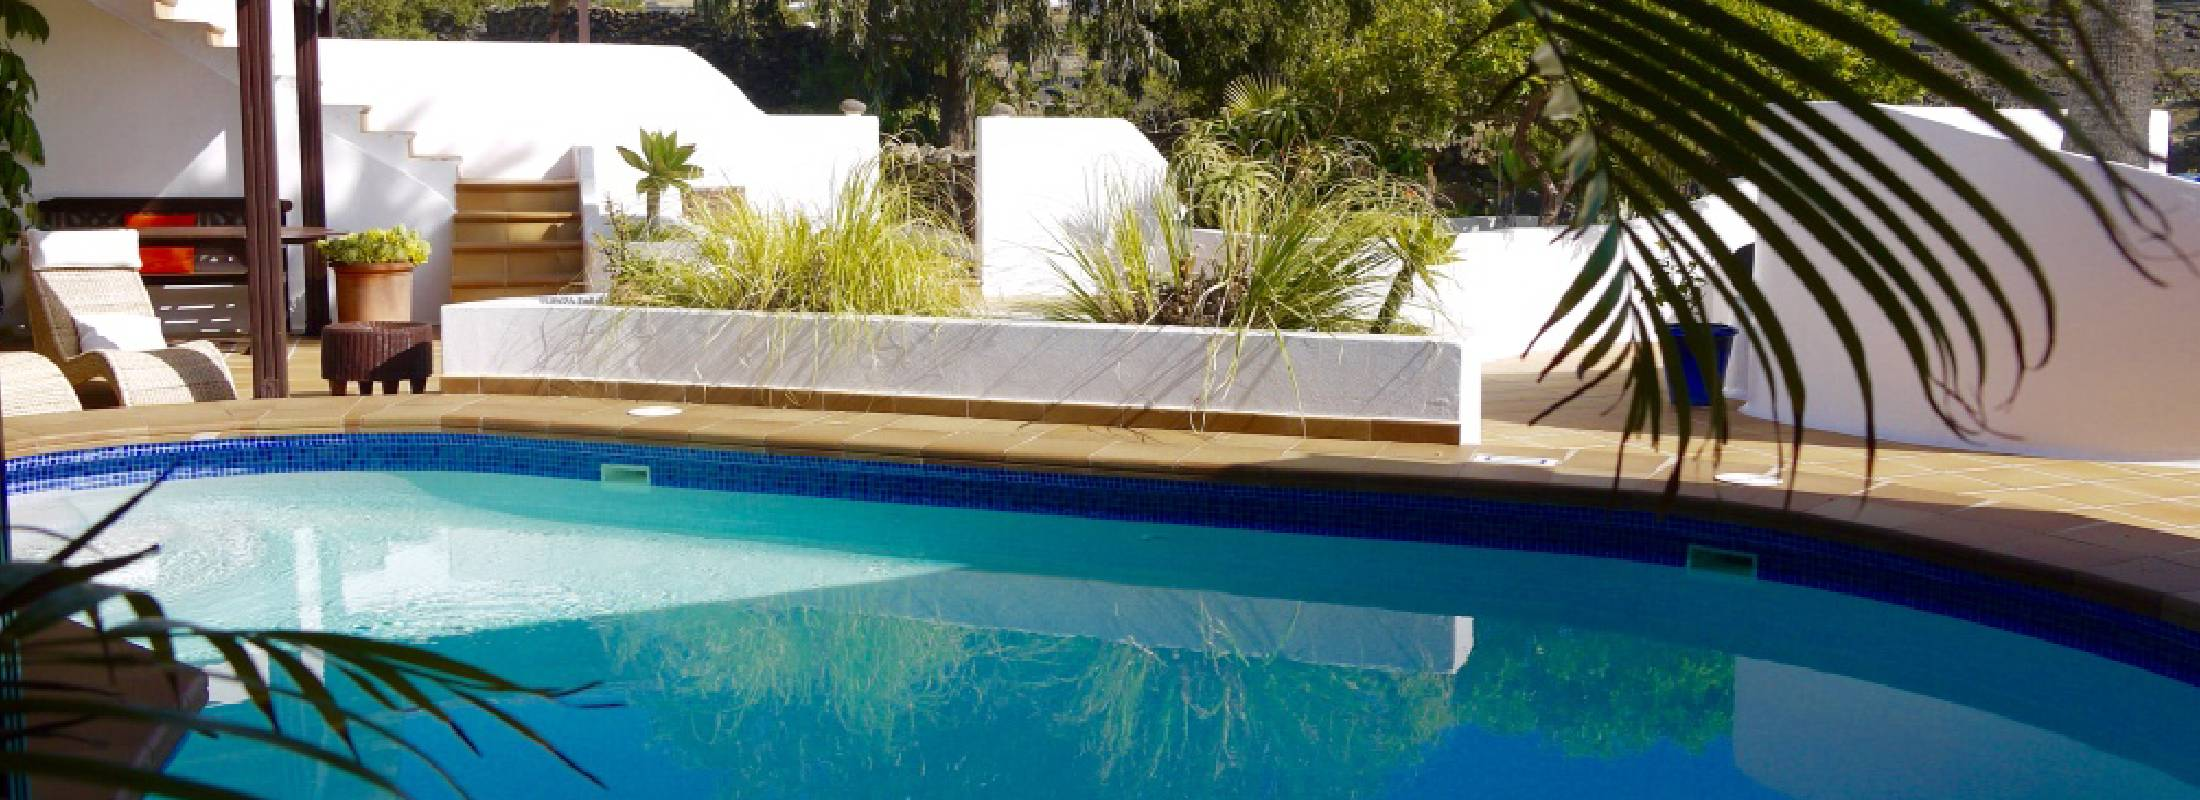 Instalaciones para los yoguis del retiro de Lanzarote